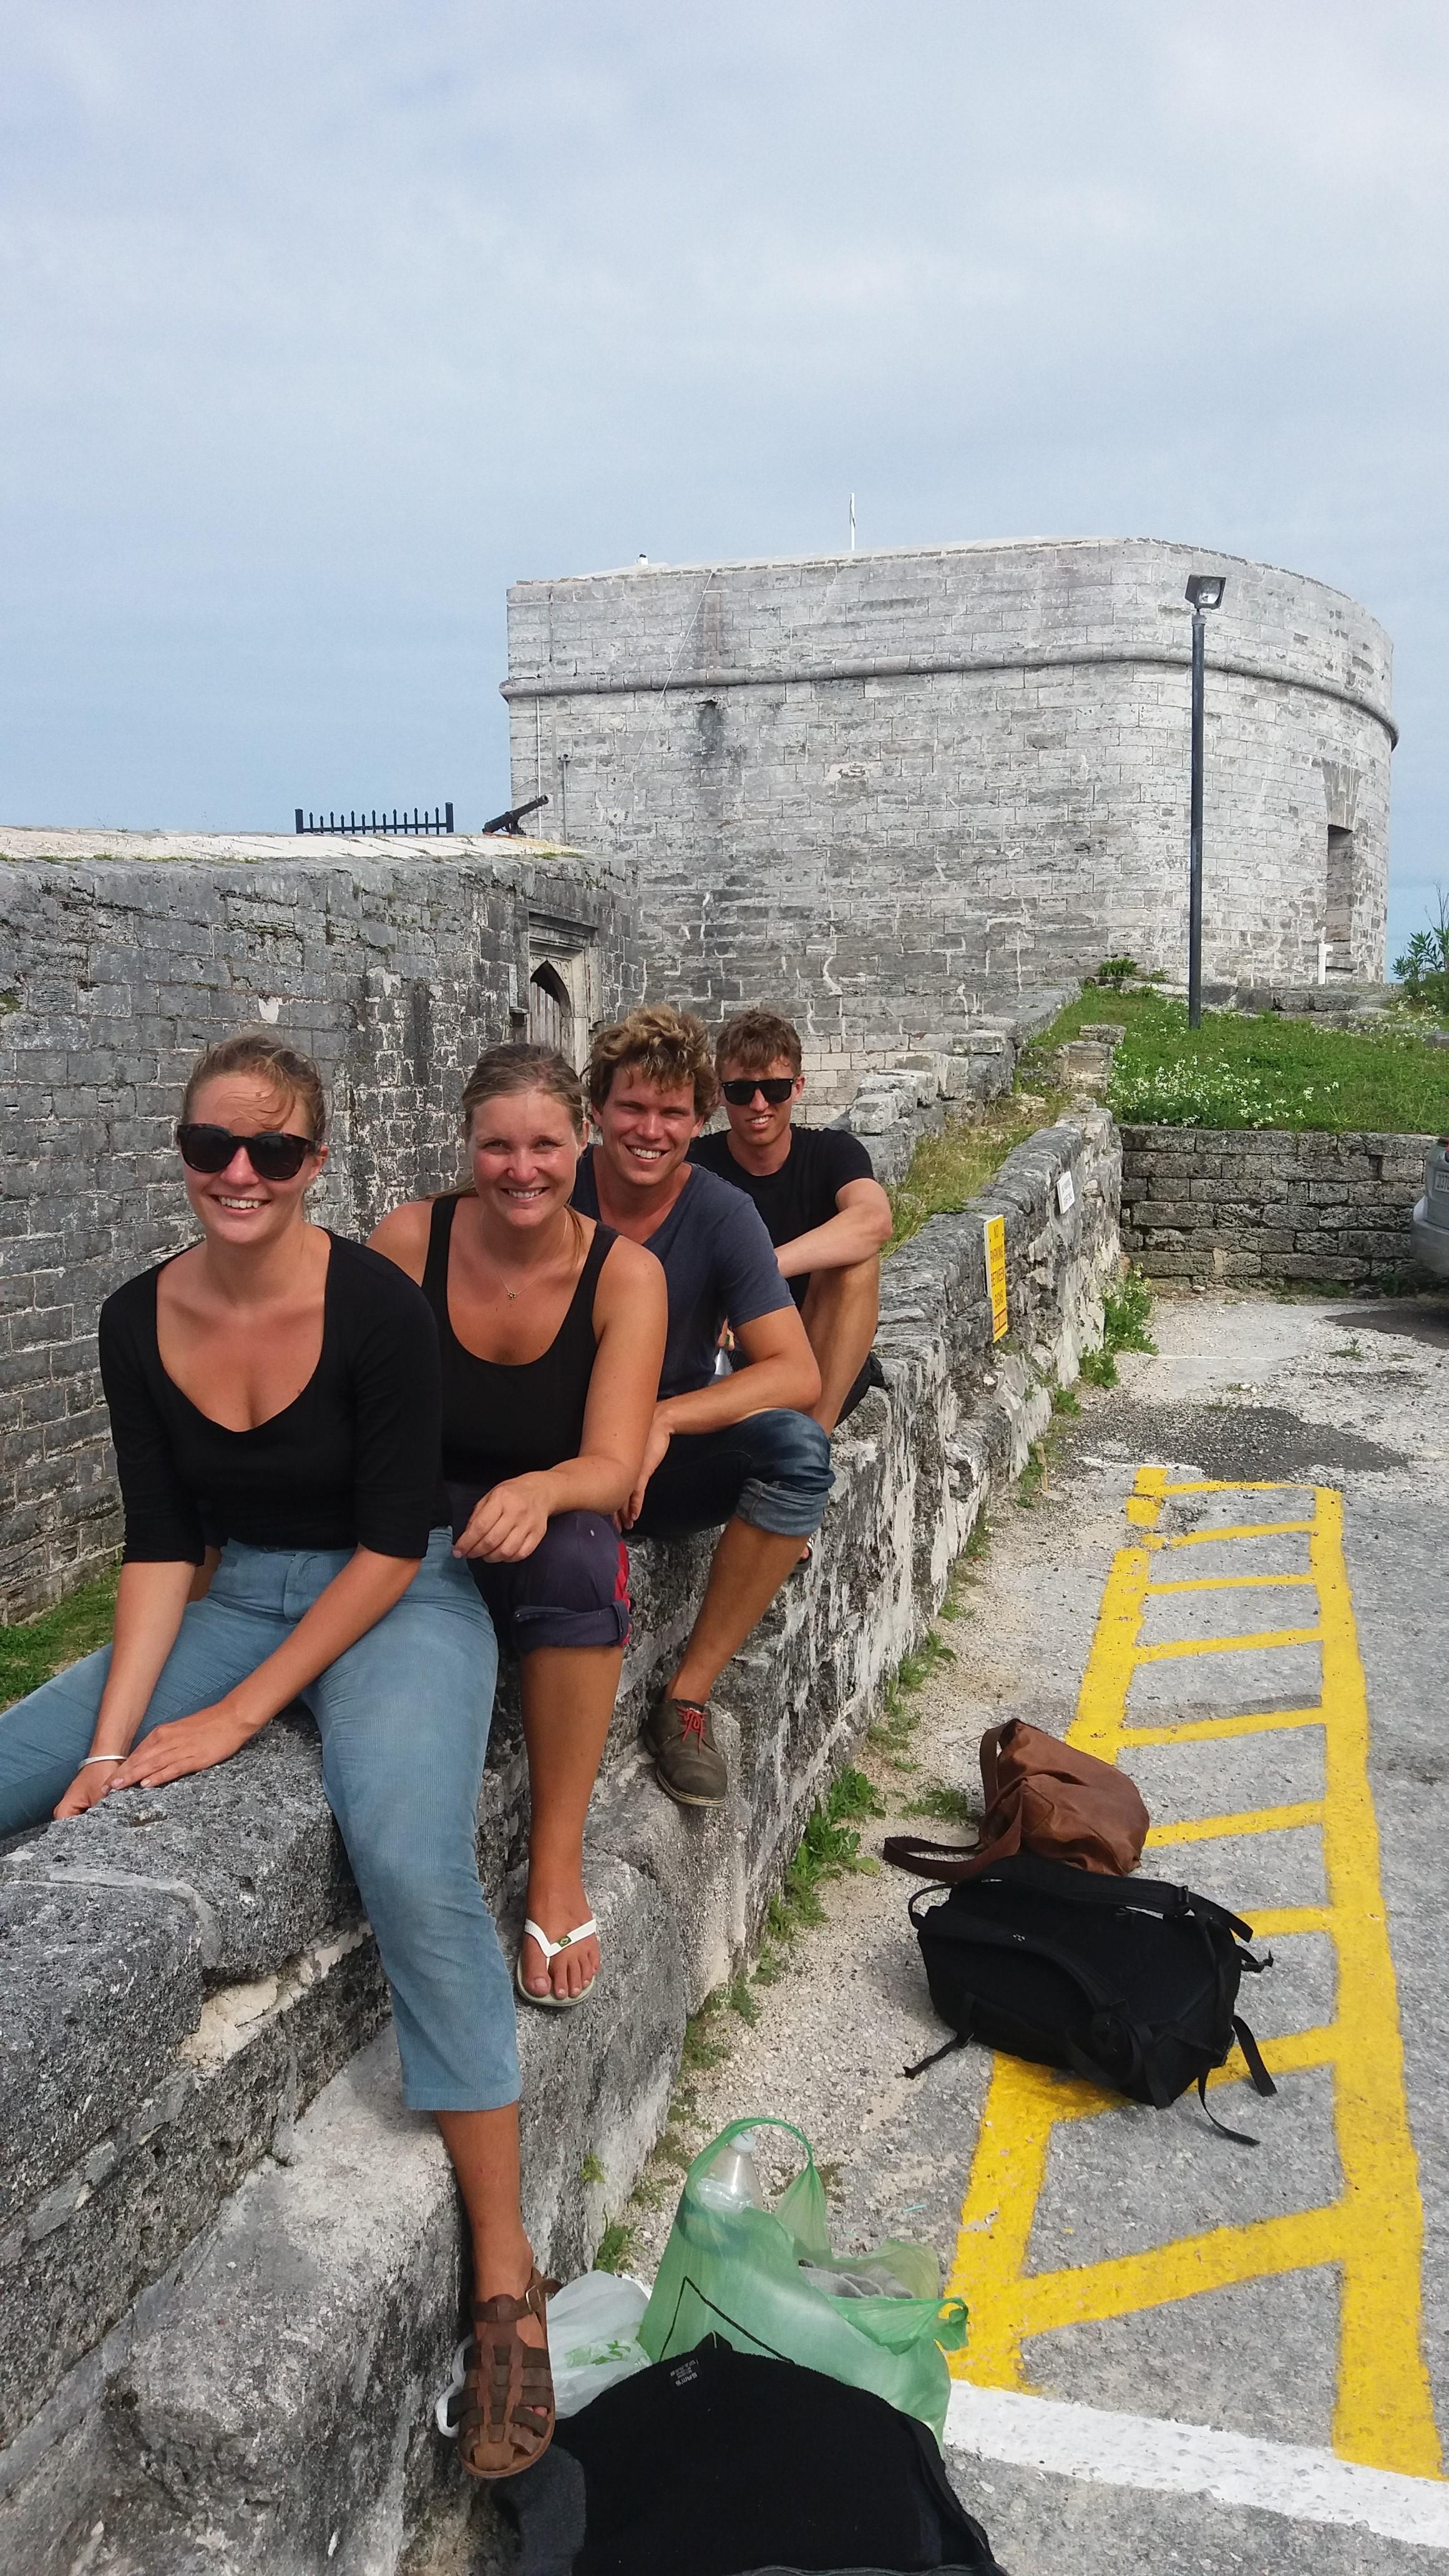 Esther, Terese, Martin og Christian ved fortet